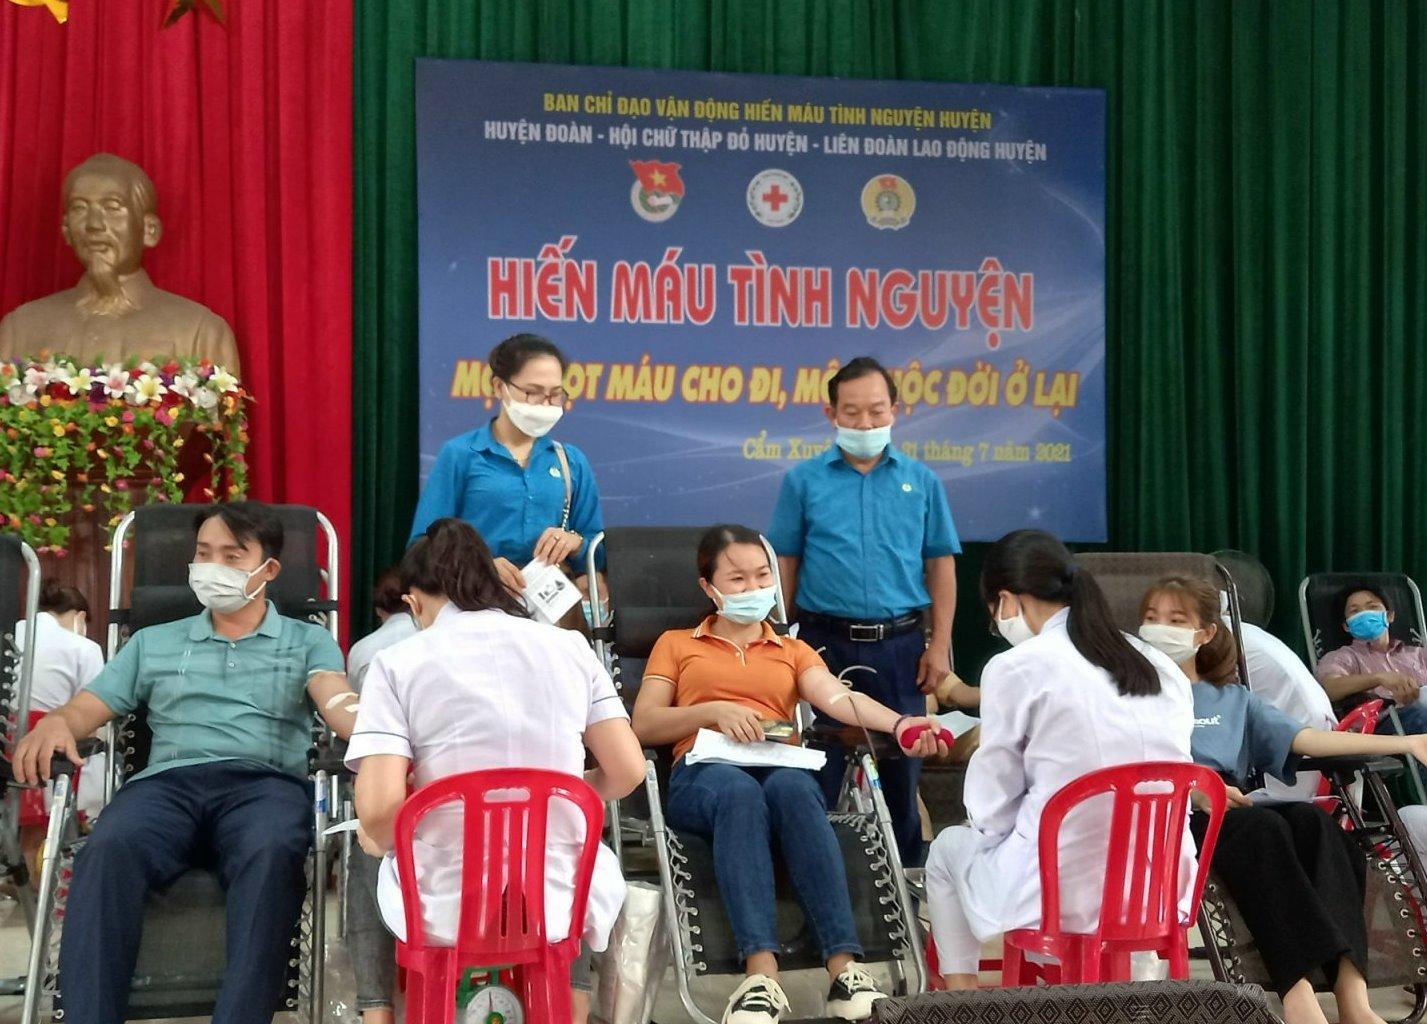 Cẩm Xuyên: Sôi nổi ngày hội hiến máu tình nguyện lần thứ nhất năm 2021